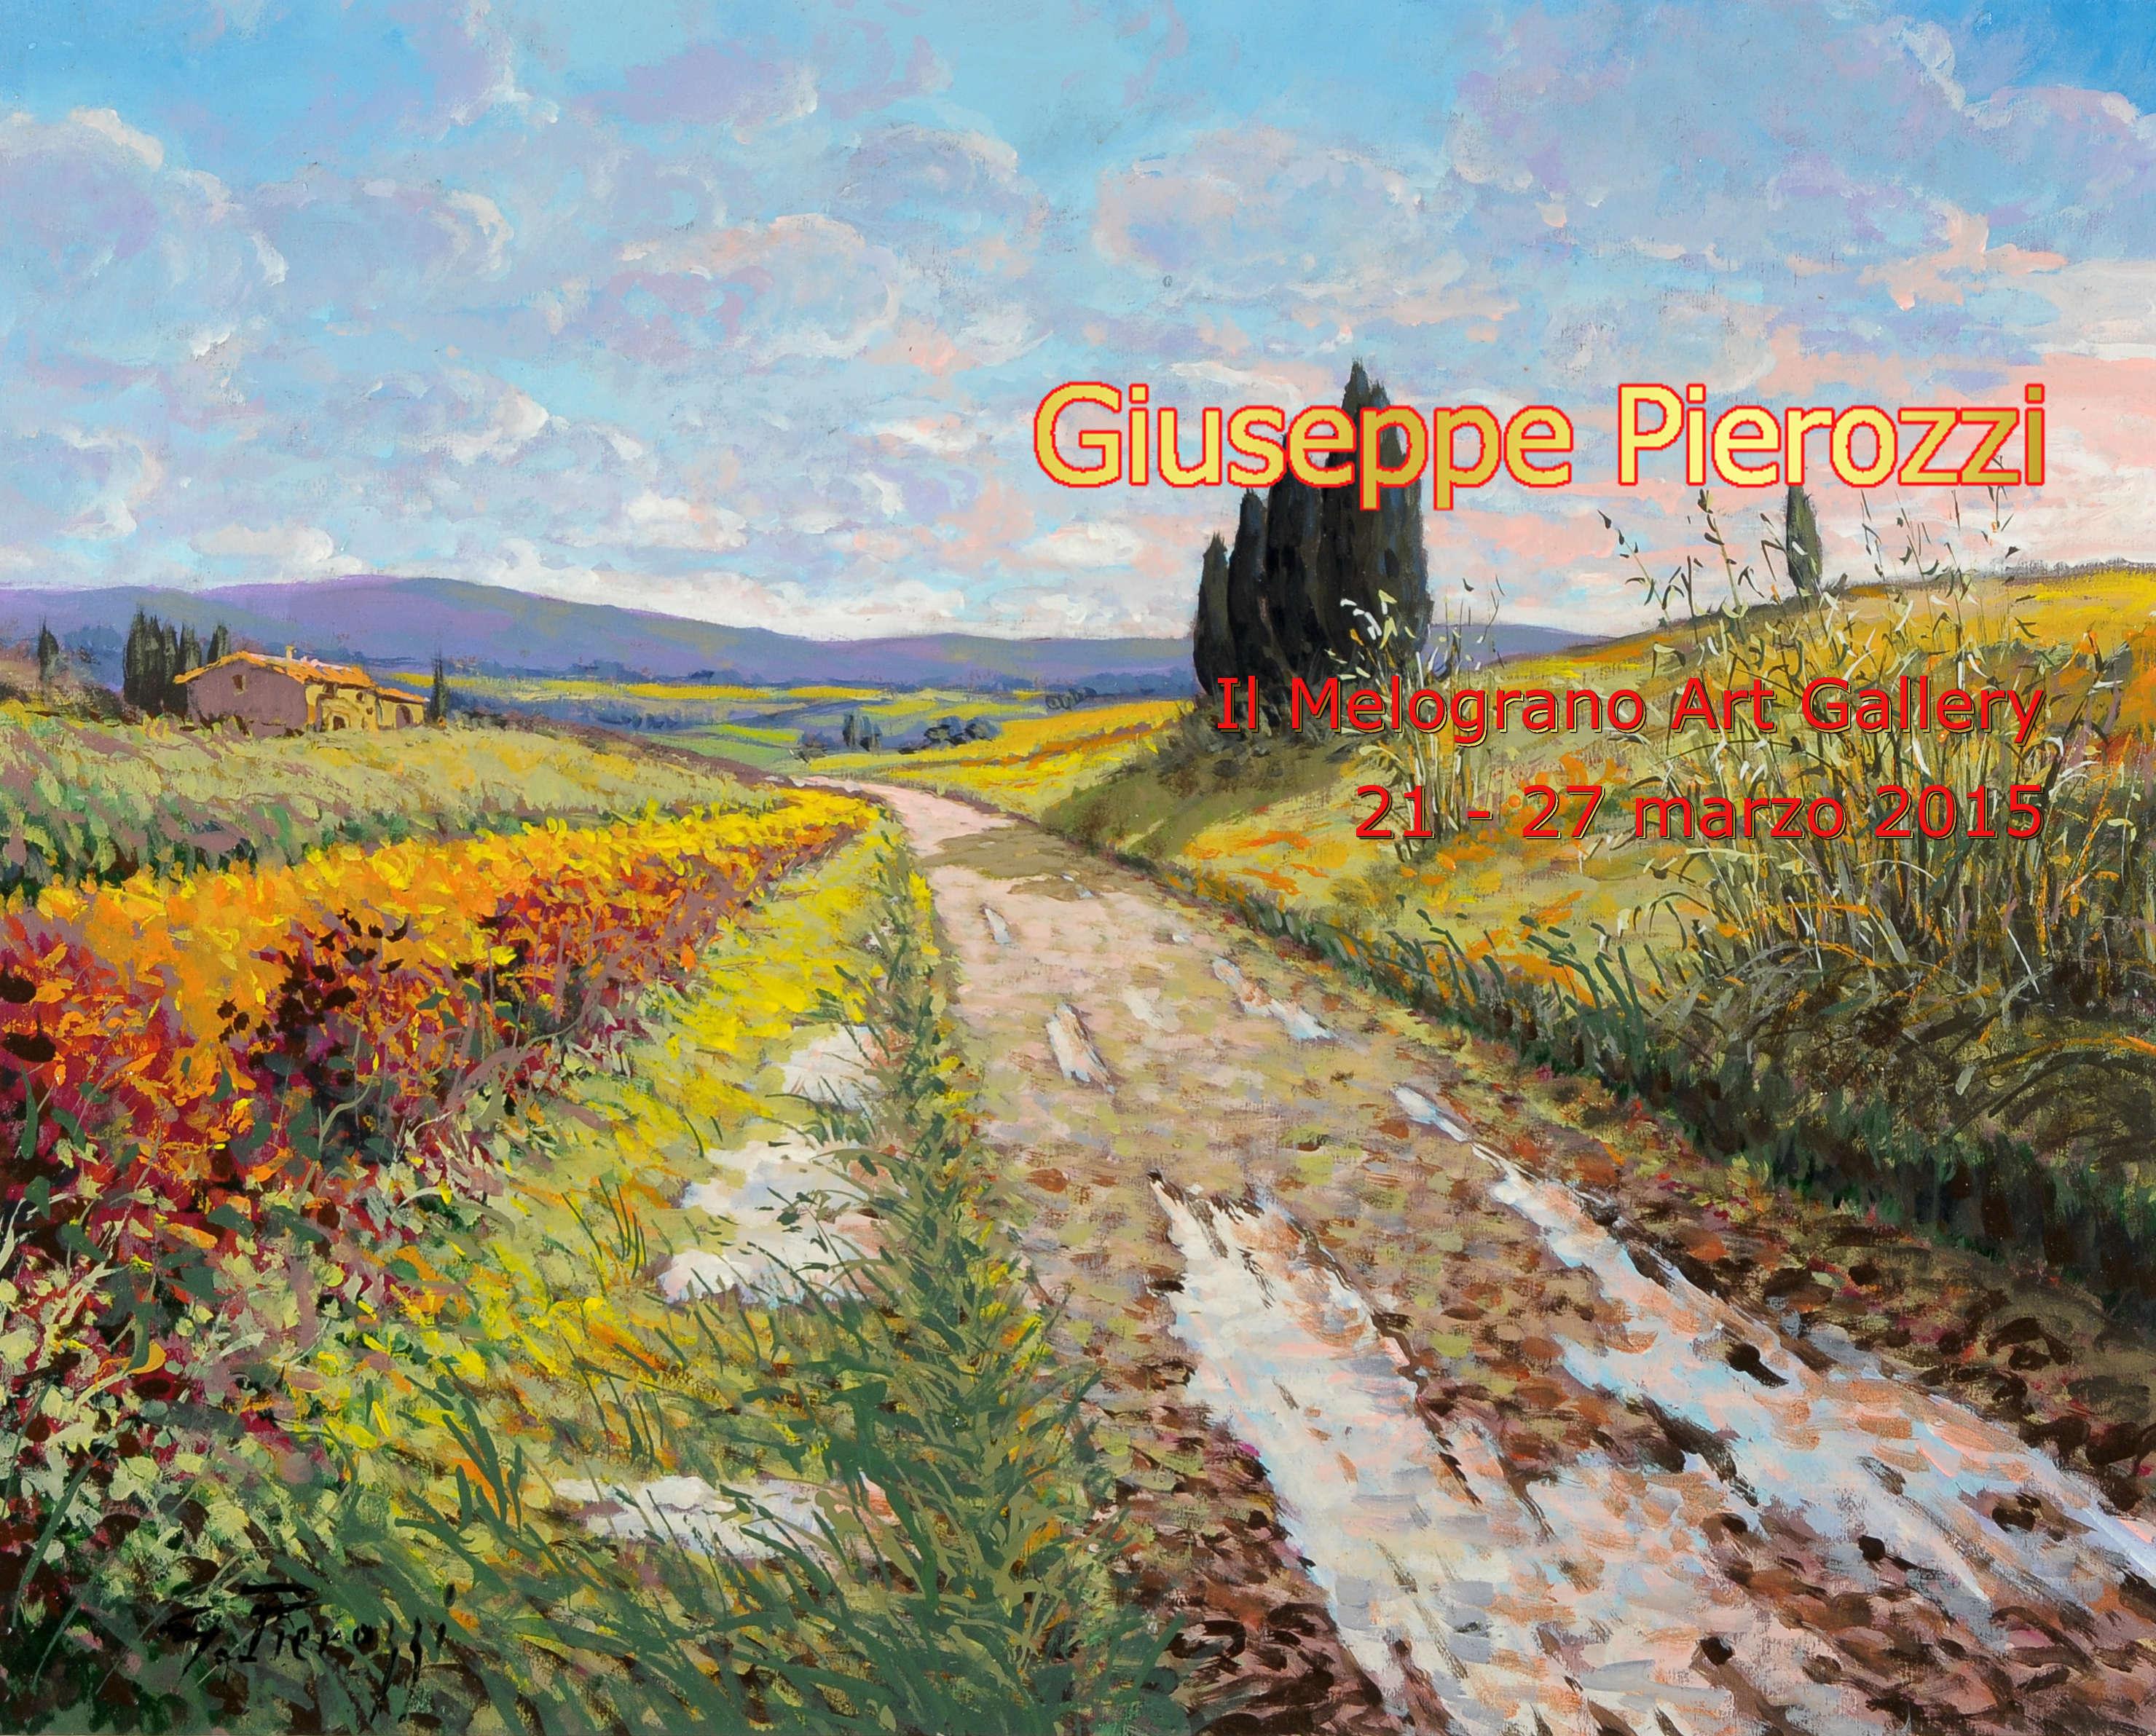 Giuseppe Pierozzi Il Melograno Art gallery